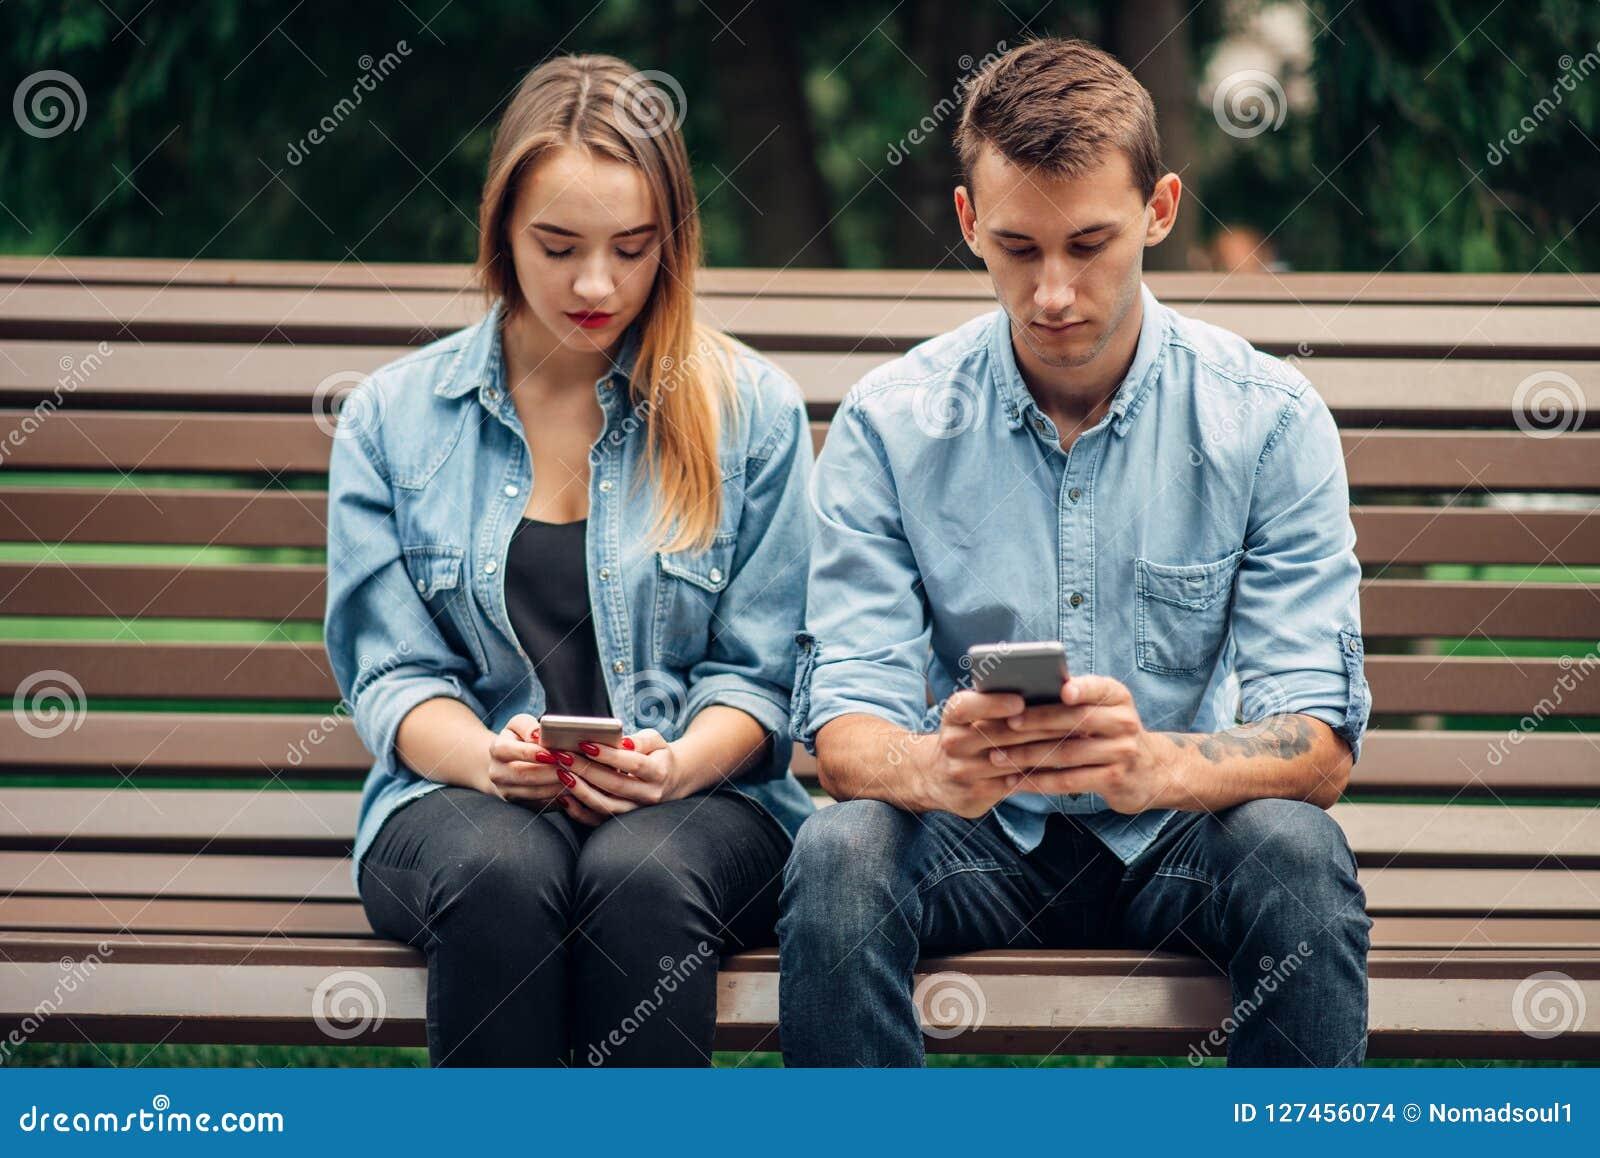 电话瘾,使用智能手机的上瘾者夫妇